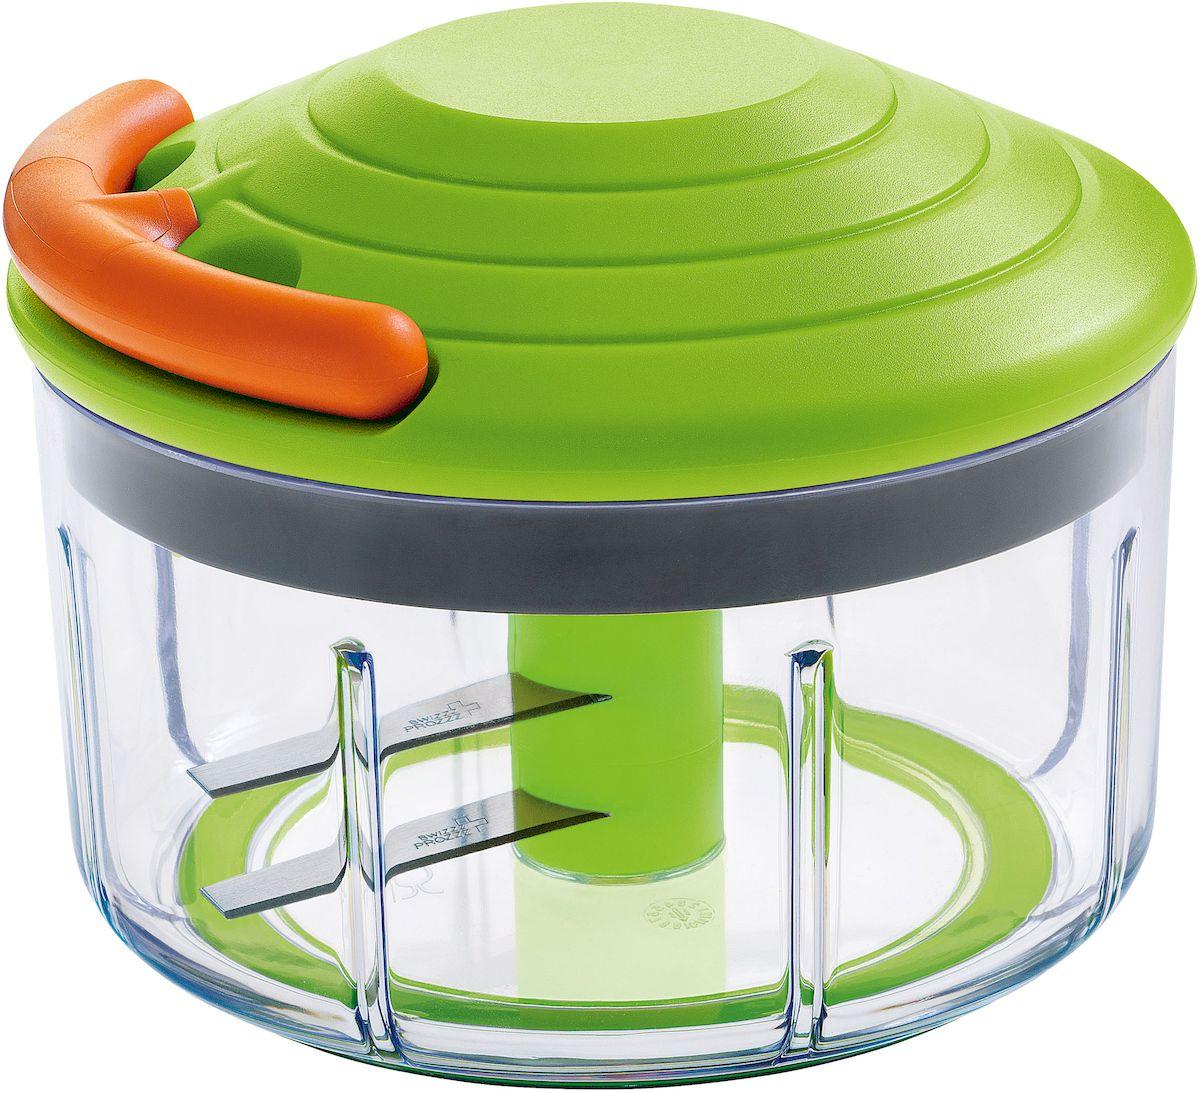 Измельчитель-чоппер Moha Speedy, цвет: зеленый, оранжевый, 0,6 л15007Чоппер выполнен из экологически чистого пластика. Нож из нержавеющей стали. Удобная эргономичная рабочая ручка поможет без труда и усилий измельчить любые овощи. Практичный поворотный механизм создан специально для получения мелких кубиков. Идеален для резки лука, зелени и других овощей. Можно использовать для приготовления соусов.